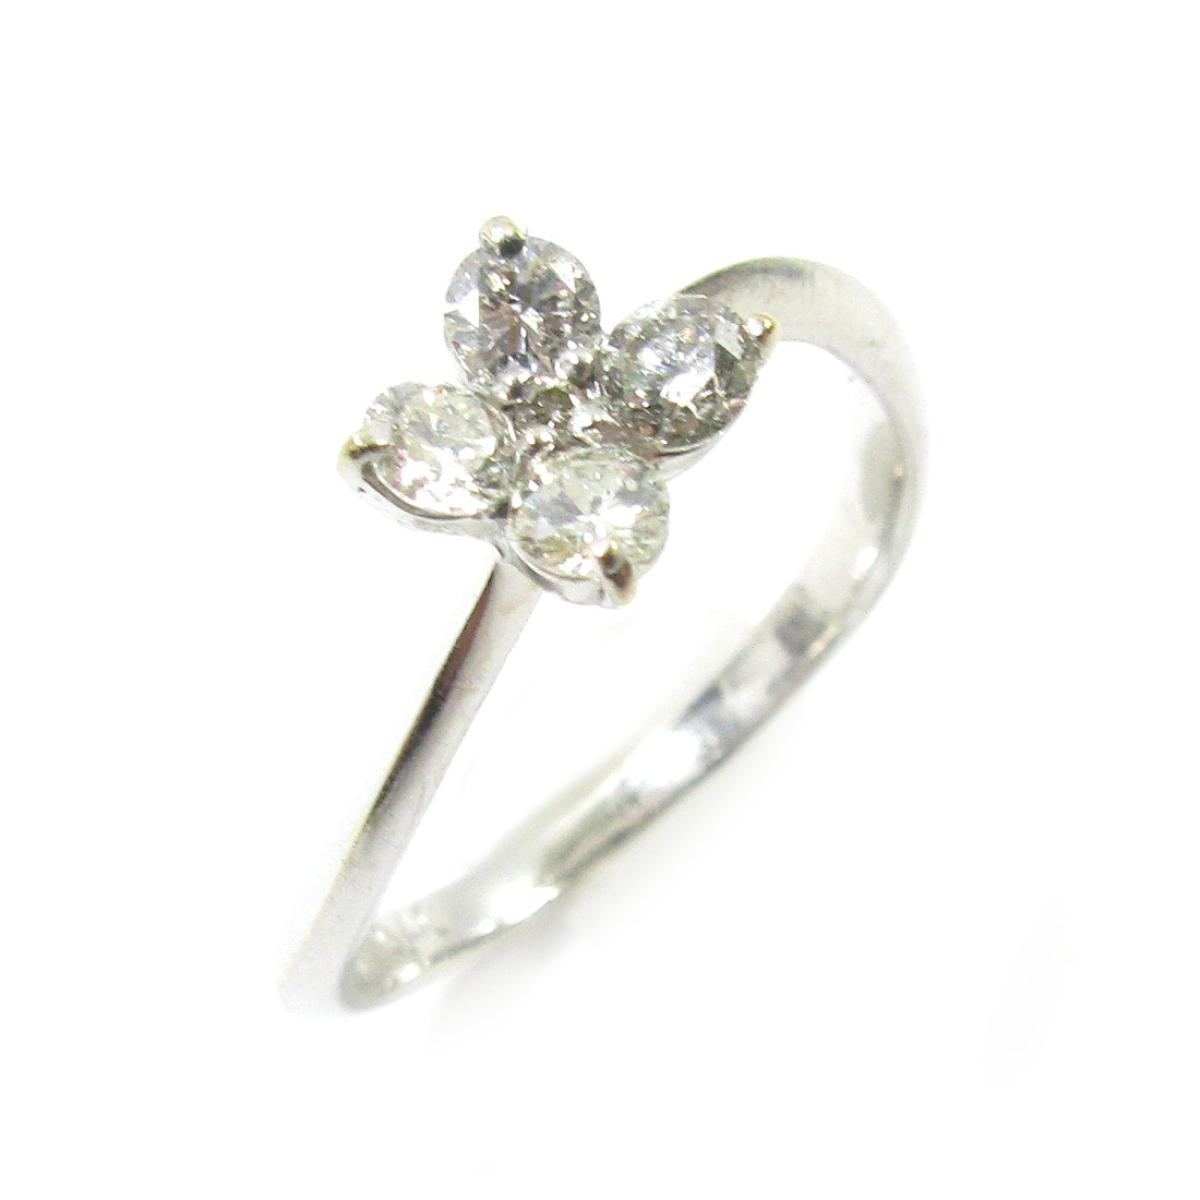 【中古】 ジュエリー ダイヤモンドリング 指輪 レディース K18WG (750) ホワイトゴールド x ダイヤモンド0.40ct シルバー クリアー | JEWELRY BRANDOFF ブランドオフ ブランド アクセサリー リング